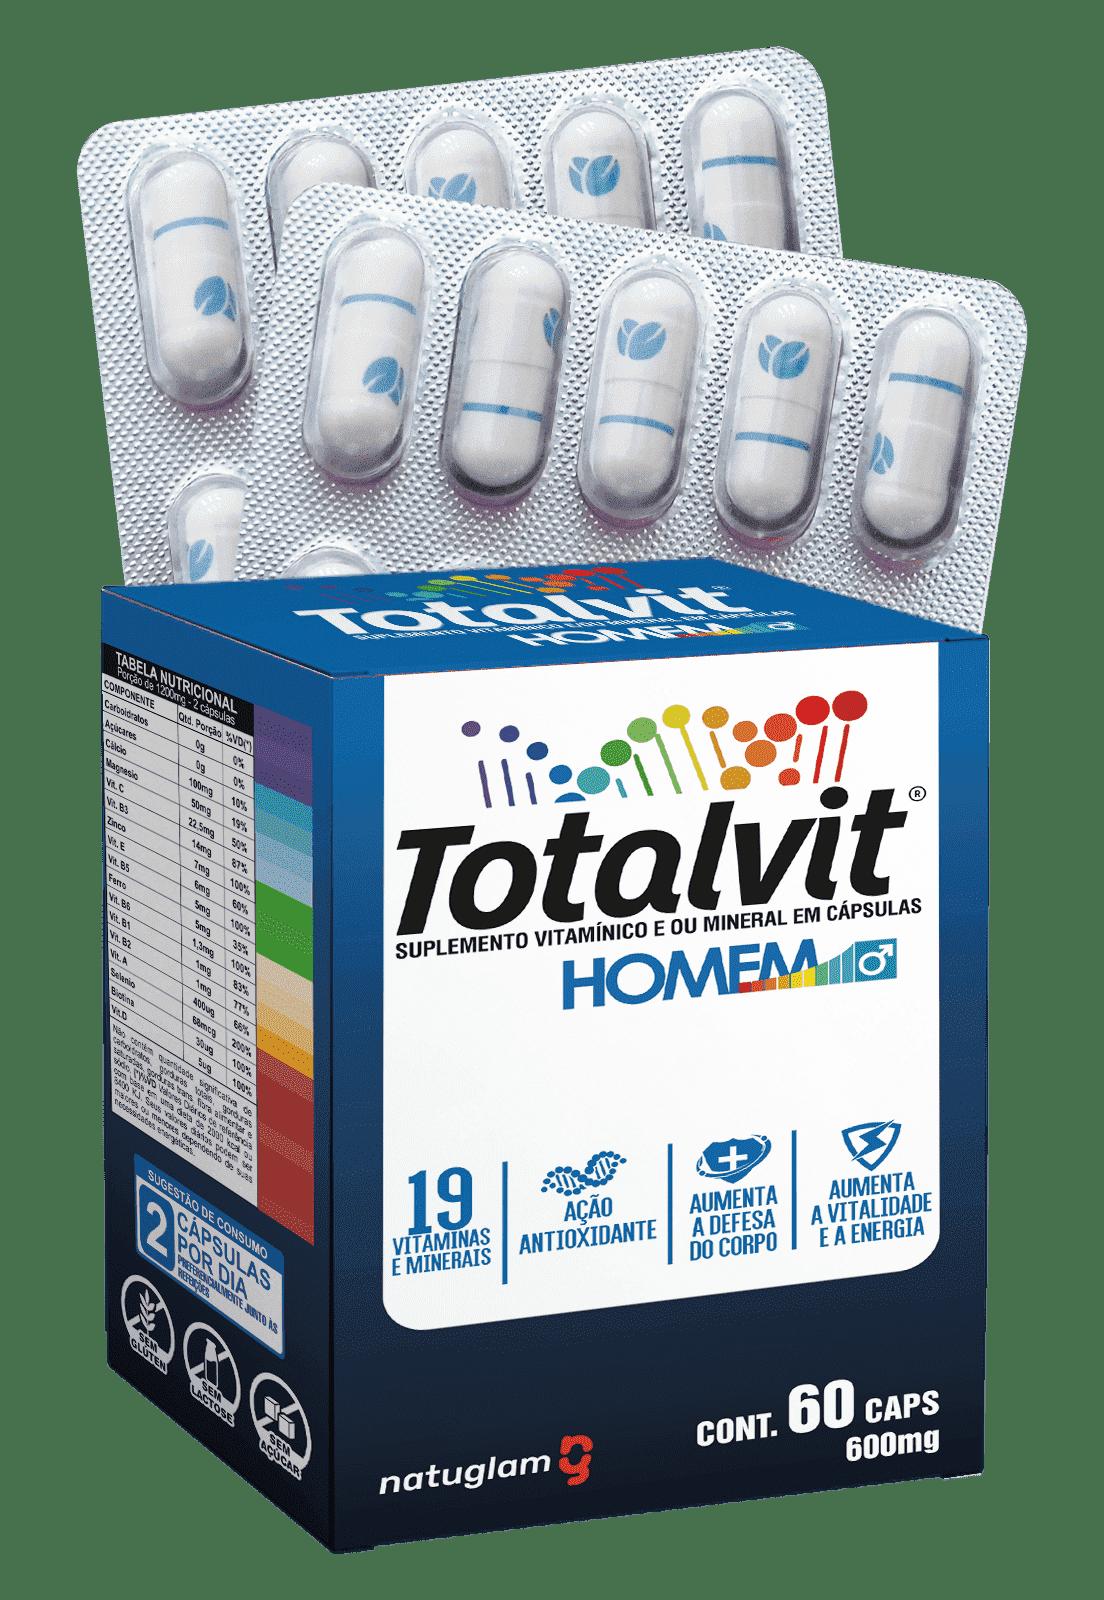 Totalvit Homem (60 Cáps.) - 500mg.